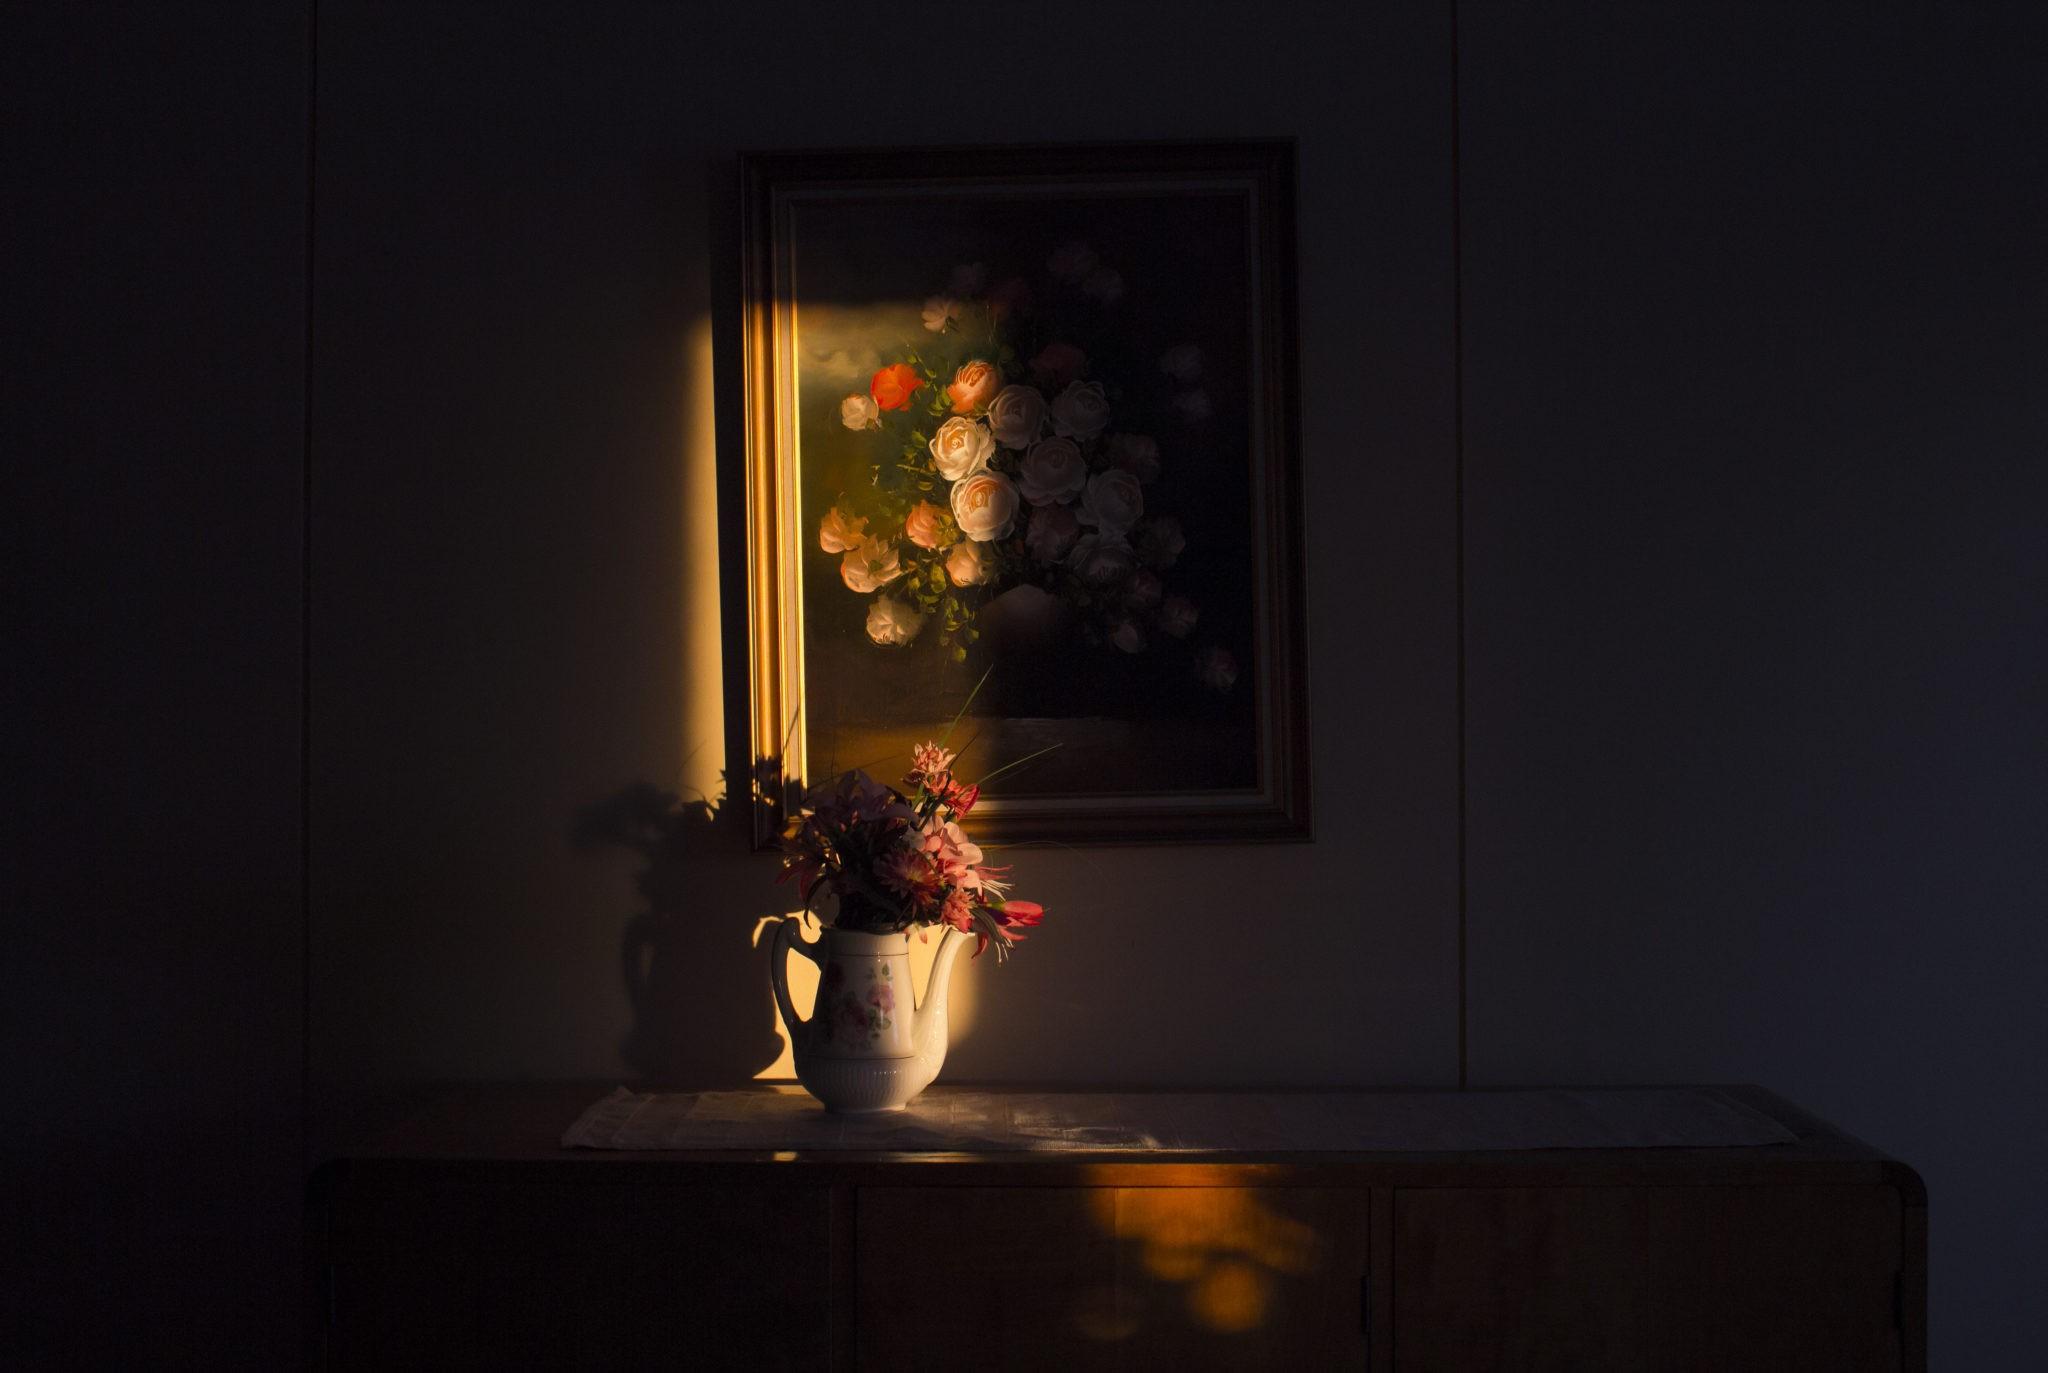 «В доме бабушки и дедушки». Из фотопроекта «Какой-то небесный огонь». Автор Мария Лакс